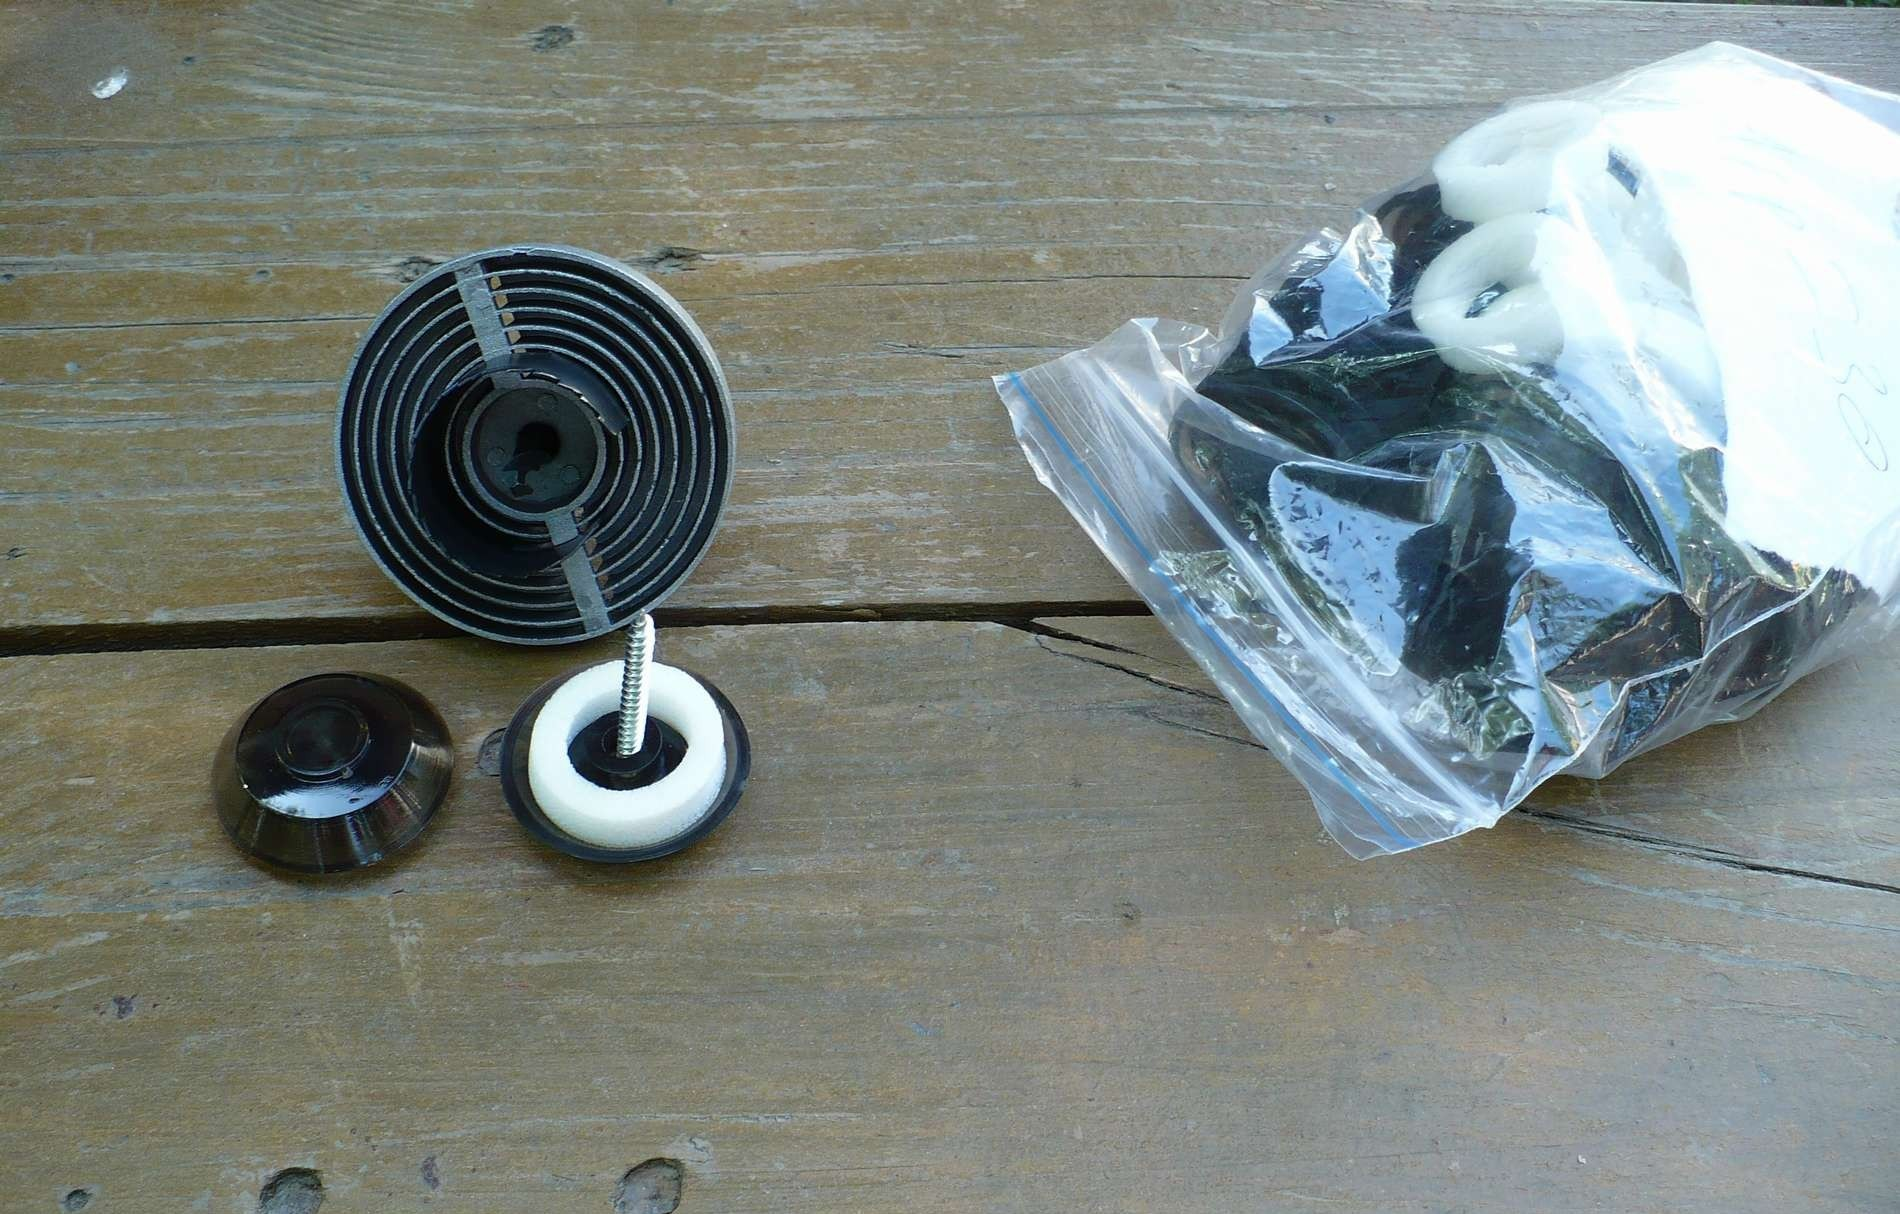 Пластиковые шайбы защищают металлические саморезы от коррозии